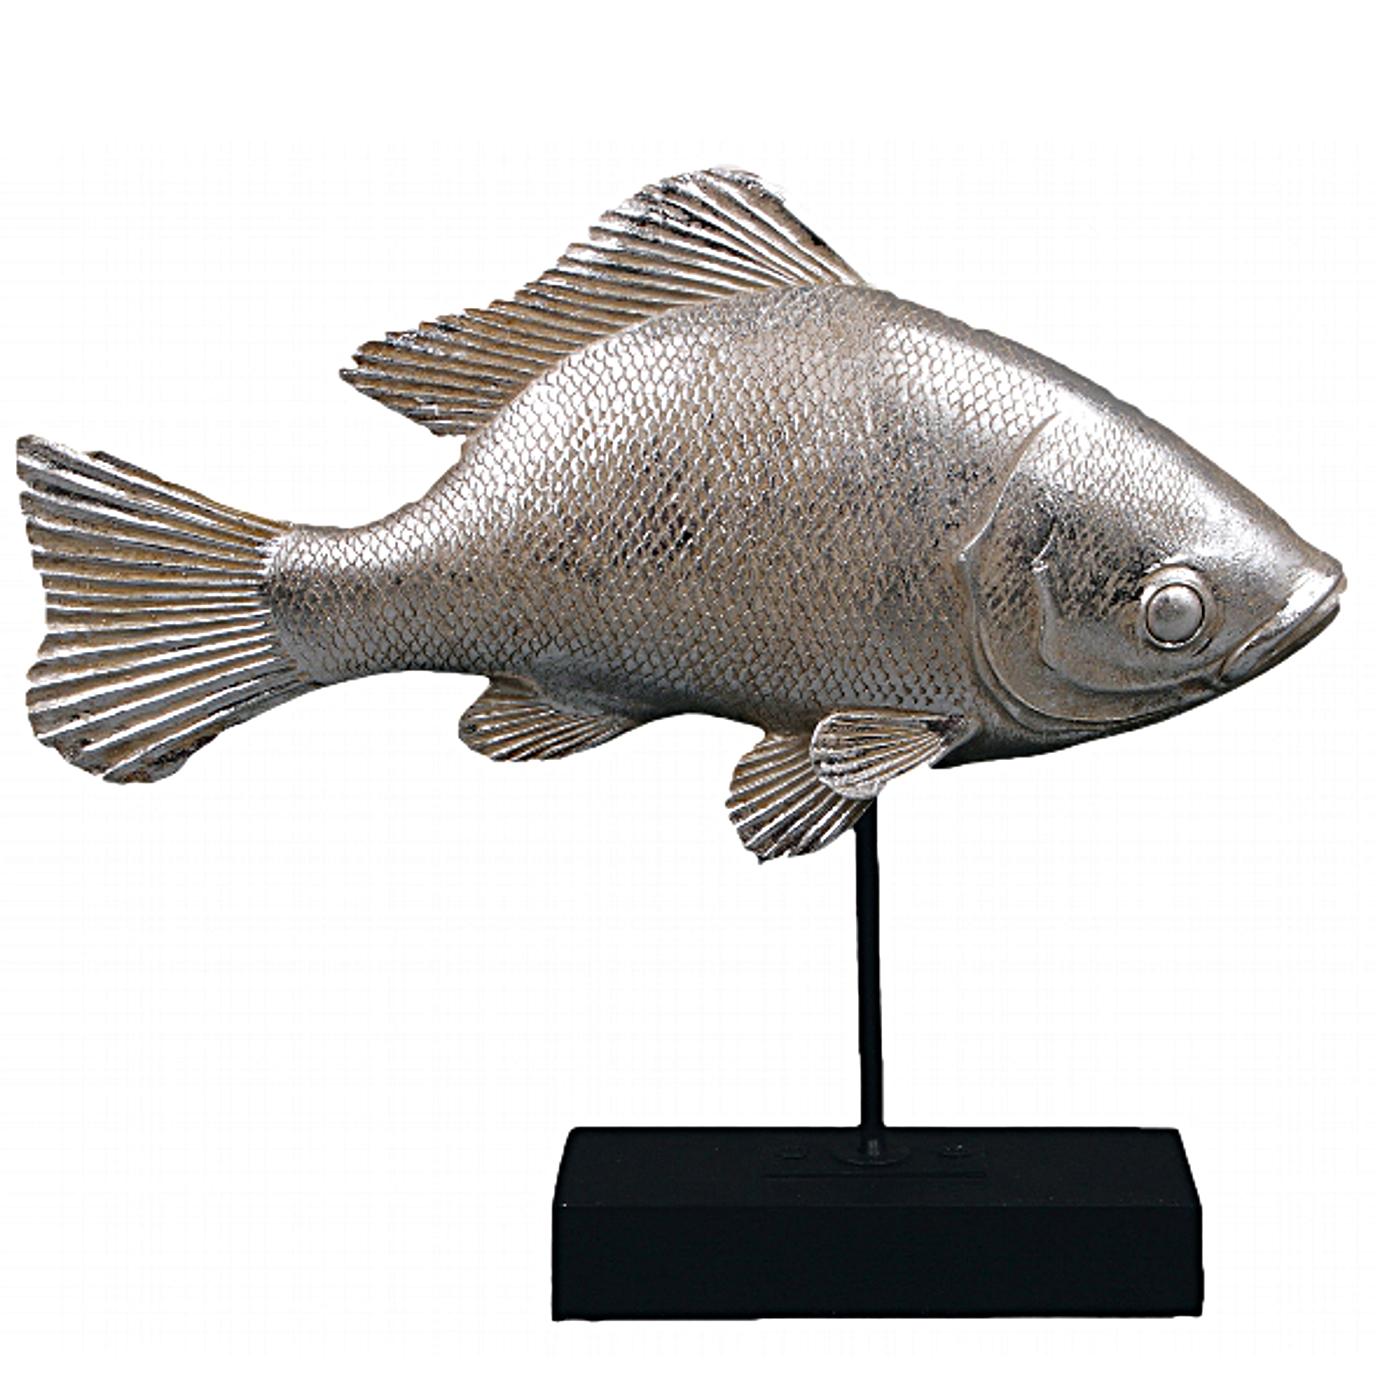 Fisch Skulptur Holz und Metall auf Sockel maritim Deko sehr edel